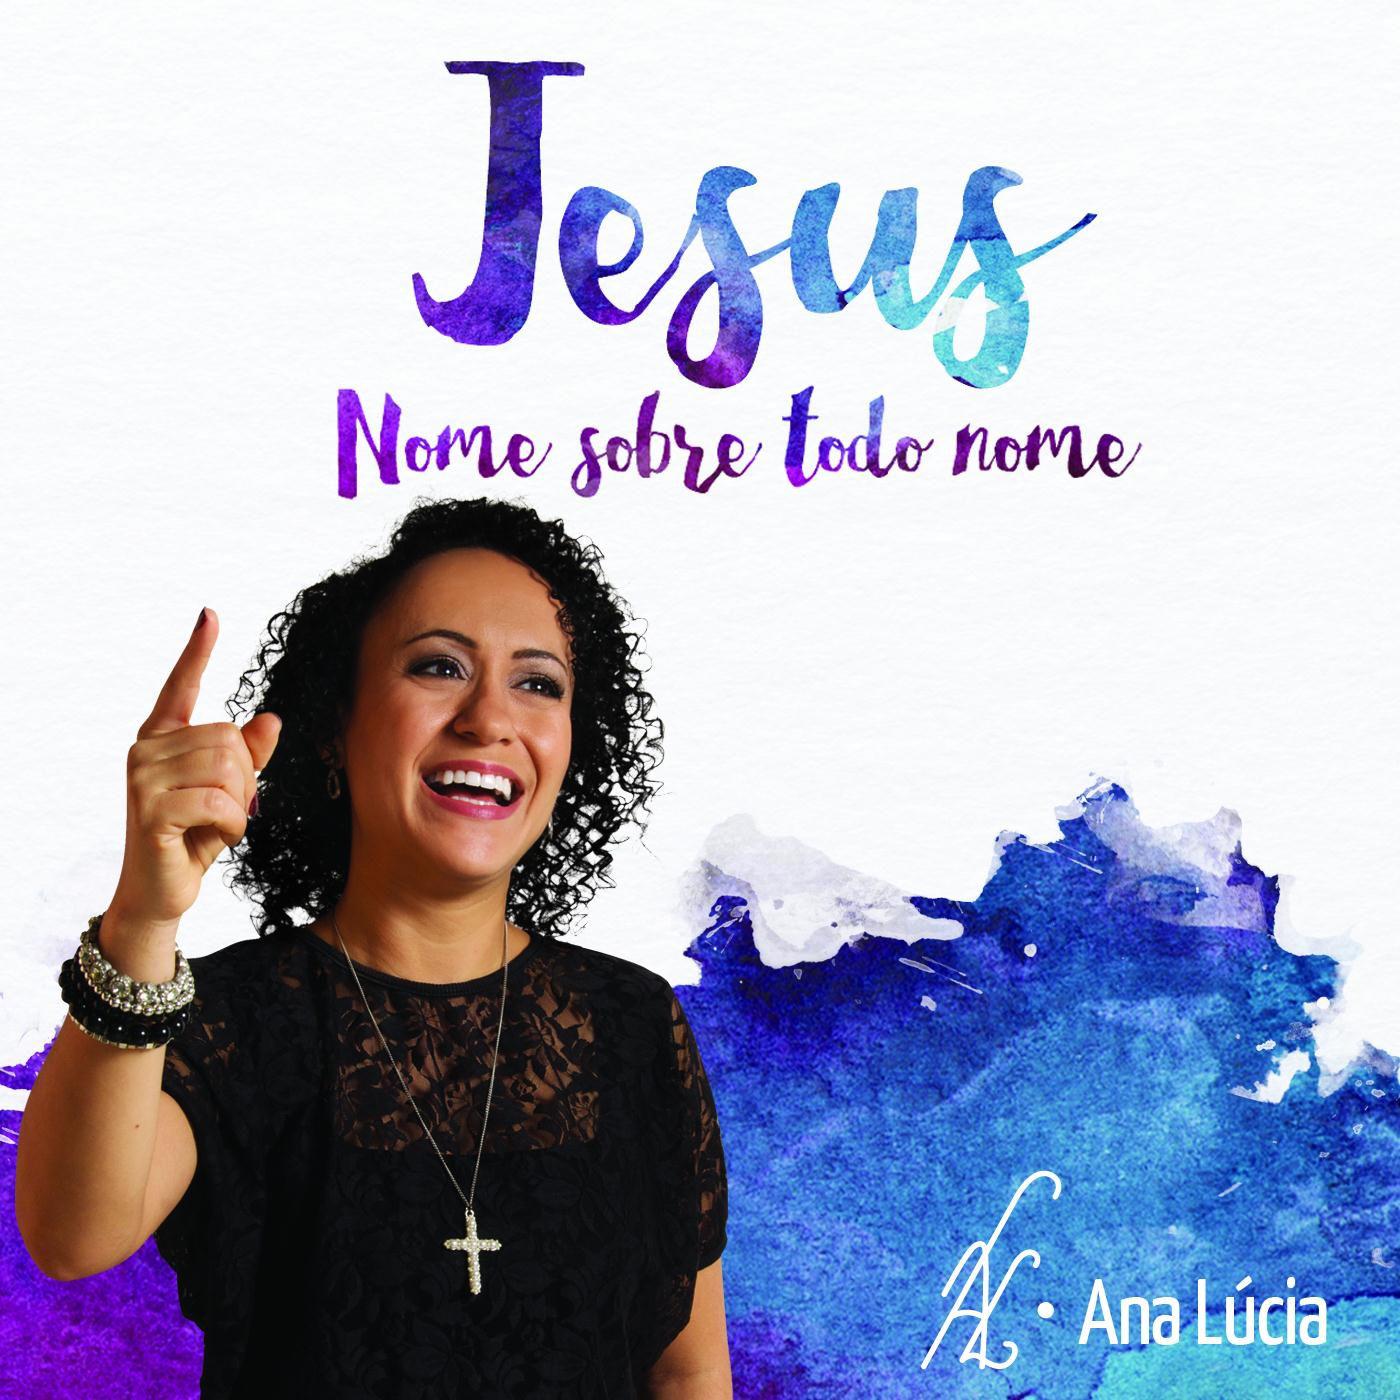 Jesus nome sobre todo nome - Ana Lúcia